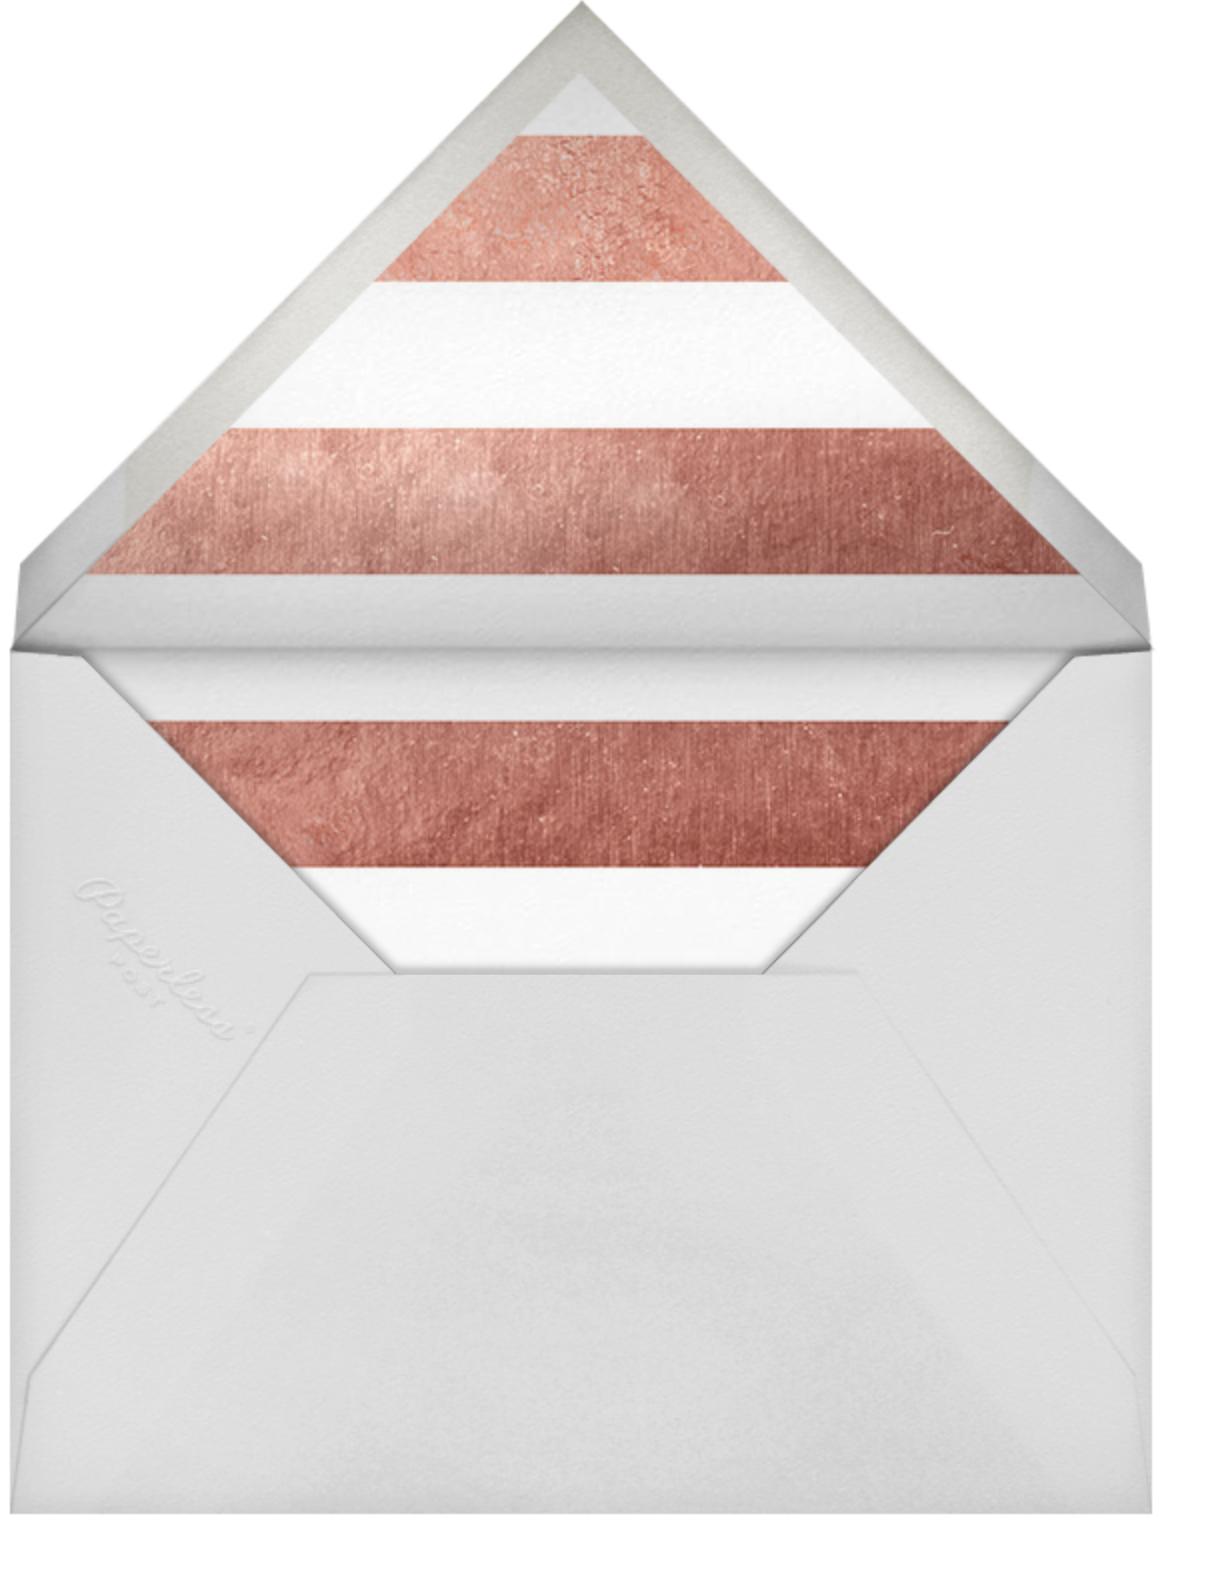 Big Dot Engagement - Rose Gold - Sugar Paper - Engagement party - envelope back